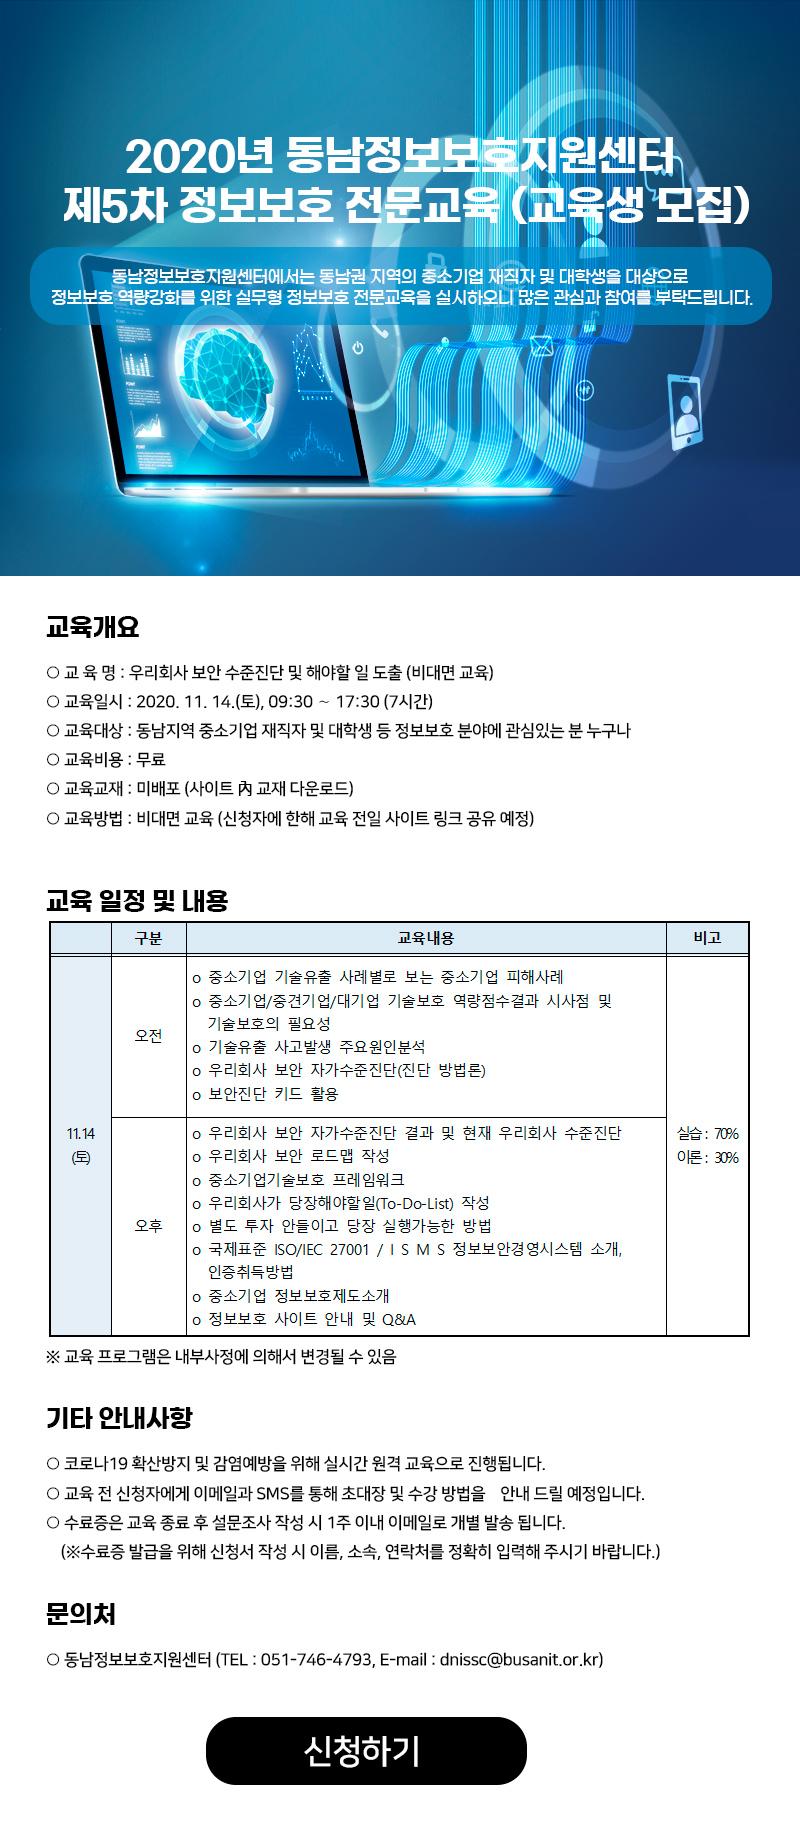 2020년 동남정보보호지원센터 제5차 정보보호 전문교육 (교육생 모집)